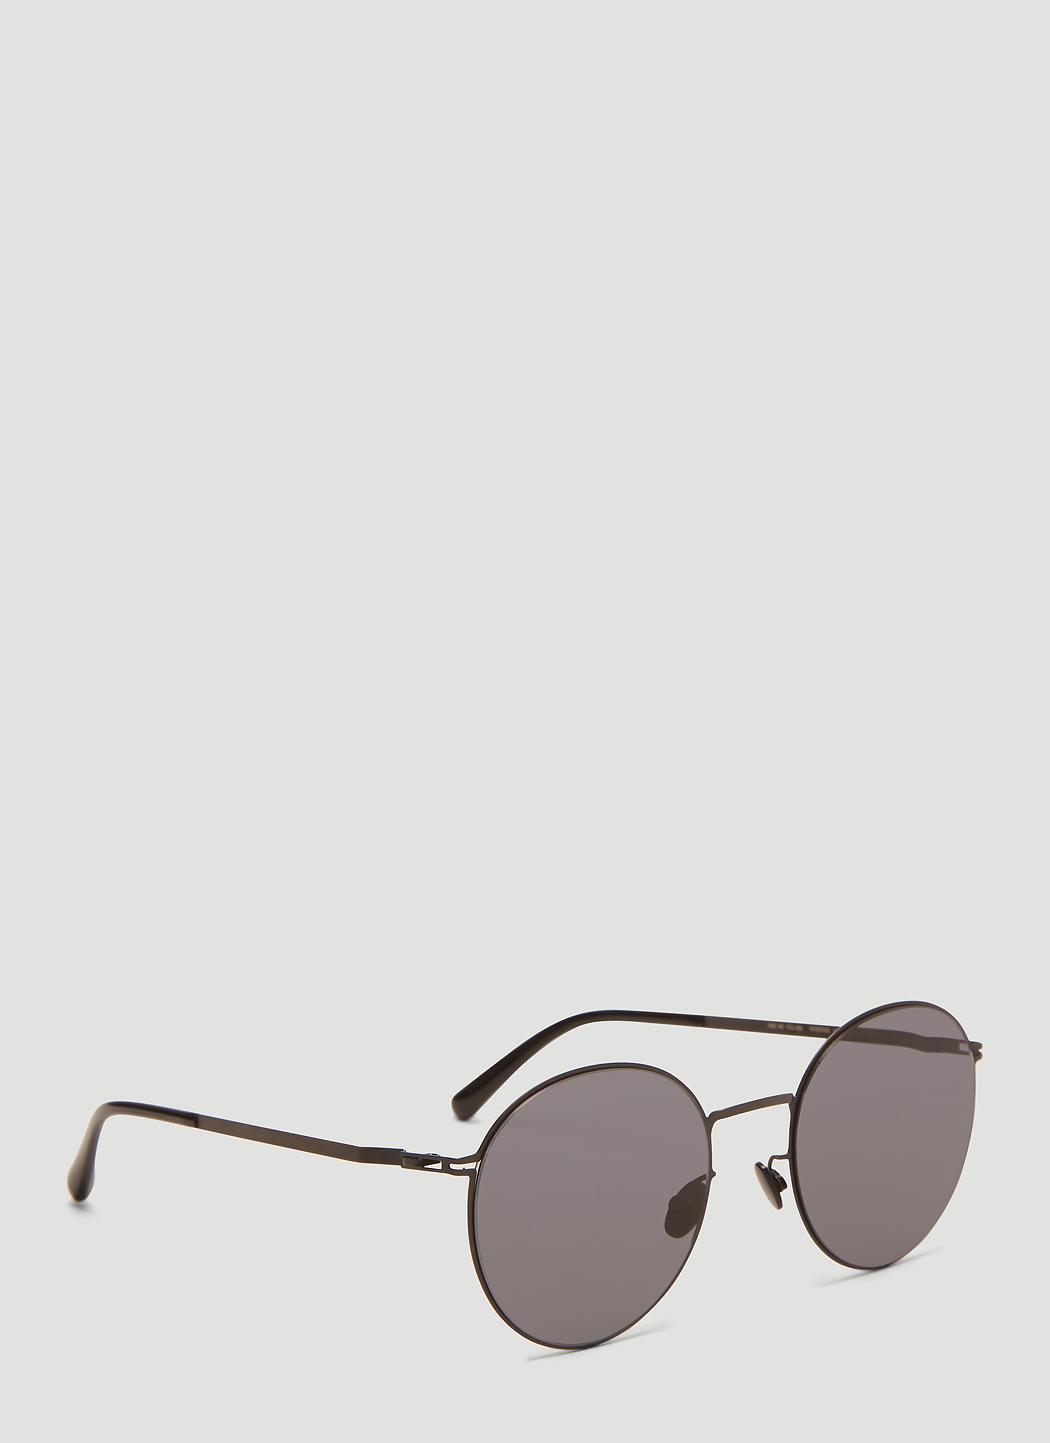 216b003773 Lyst - Mykita Studio 7.4 Sunglasses In Black in Black for Men